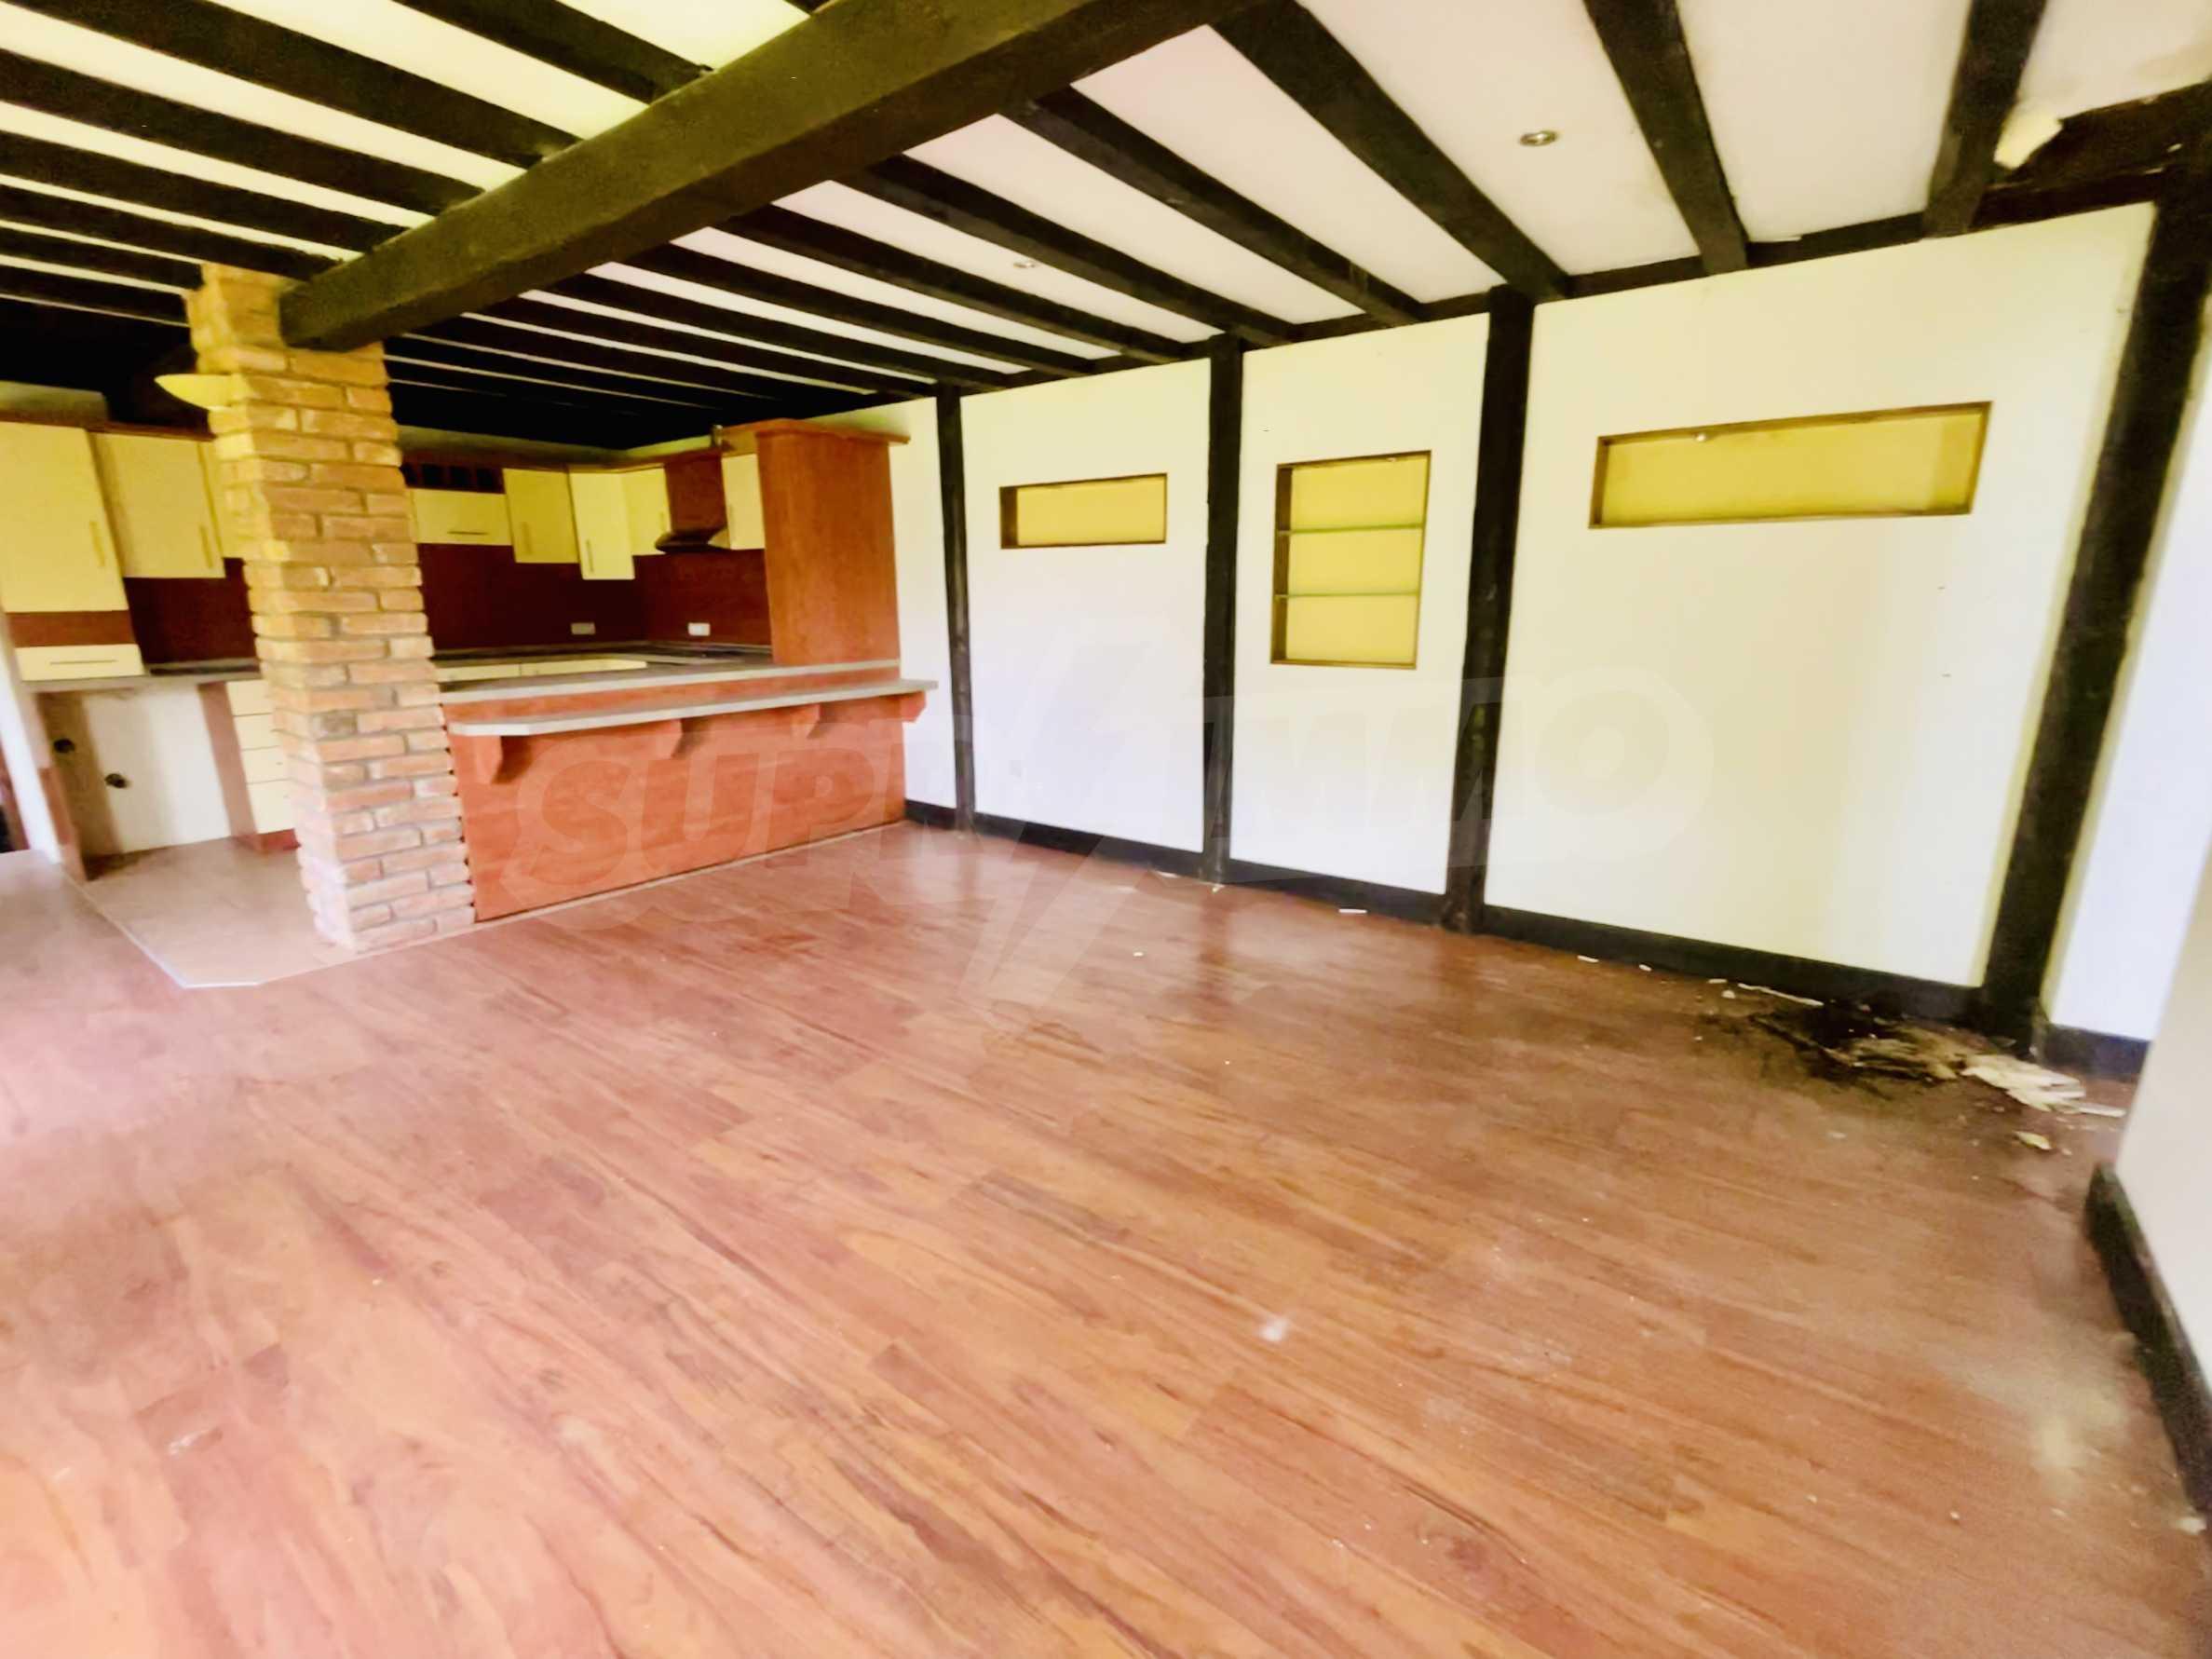 Komplett renoviertes und bezugsfertiges Haus 3